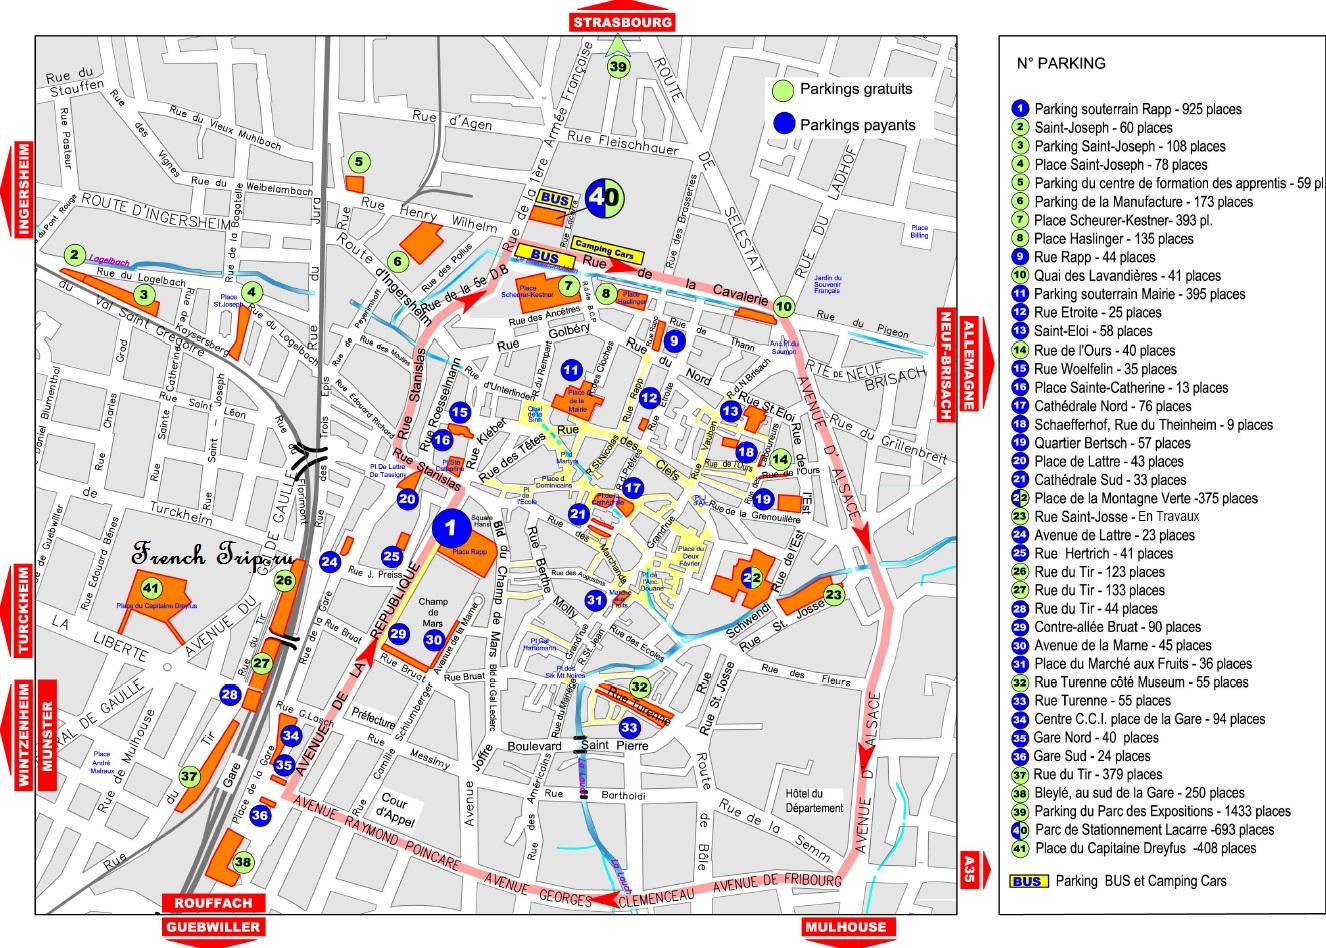 Карта с парковками в Кольмаре, платные и бесплатные парковки в Кольмаре